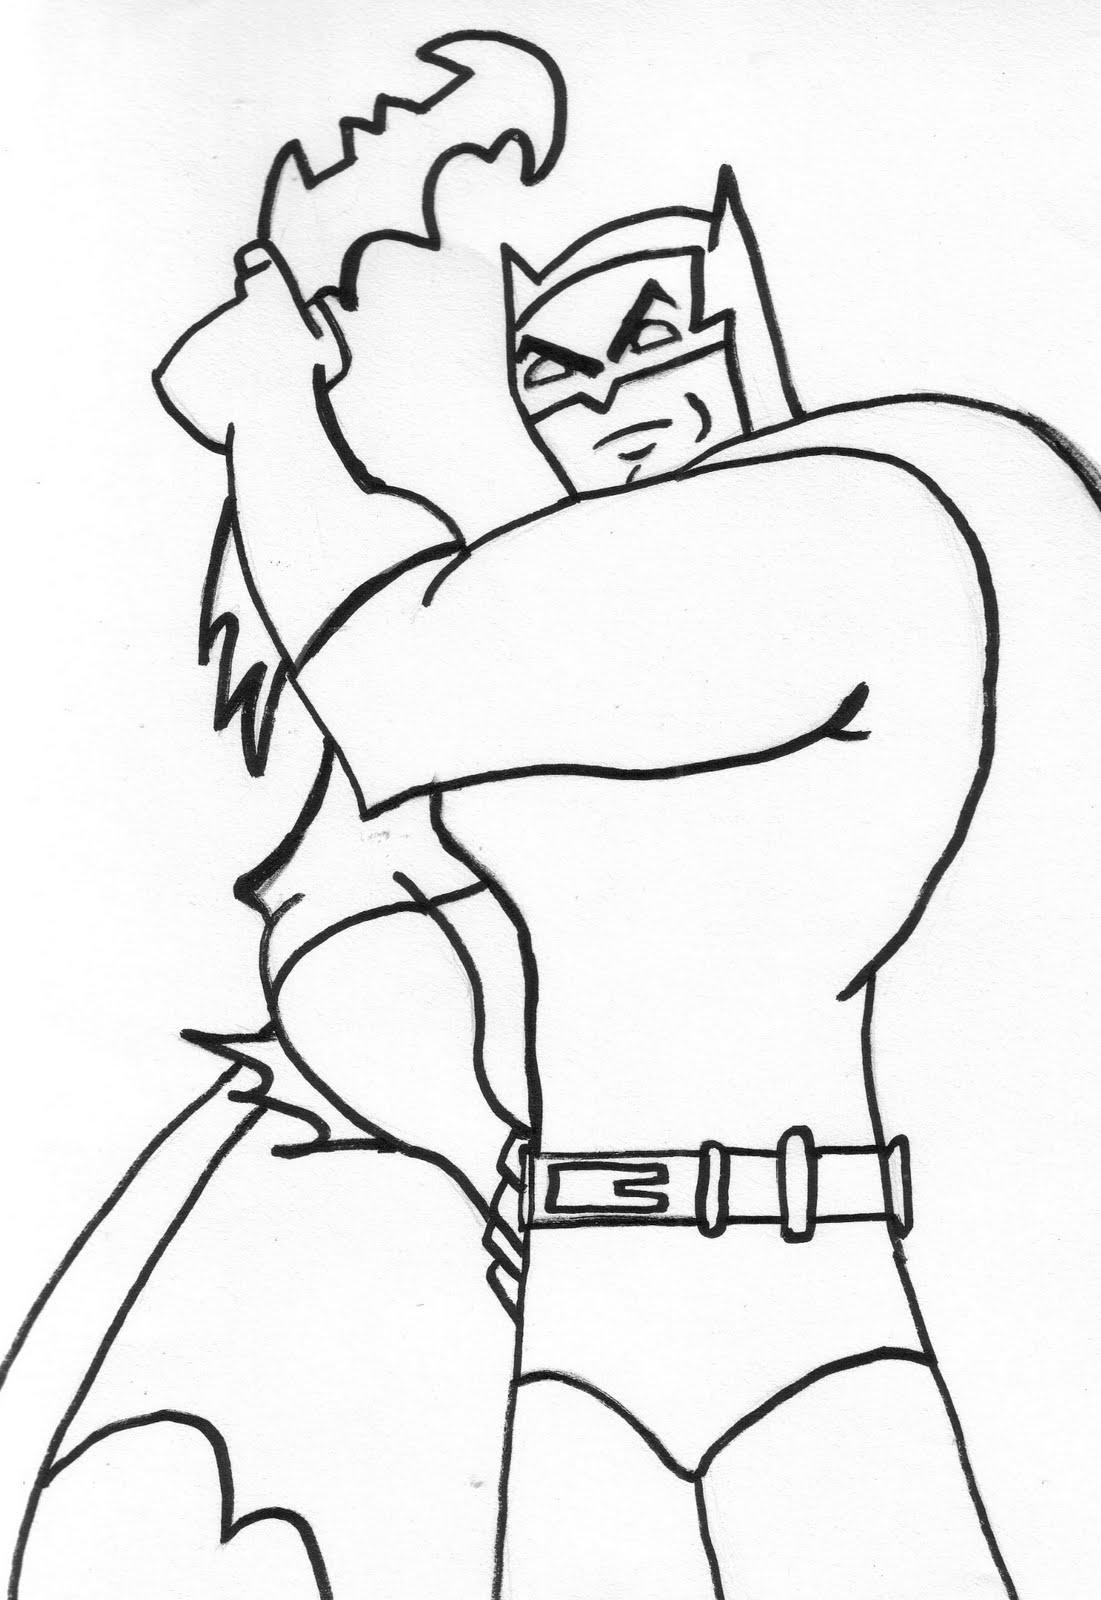 clip art batman coloring pages - photo#12